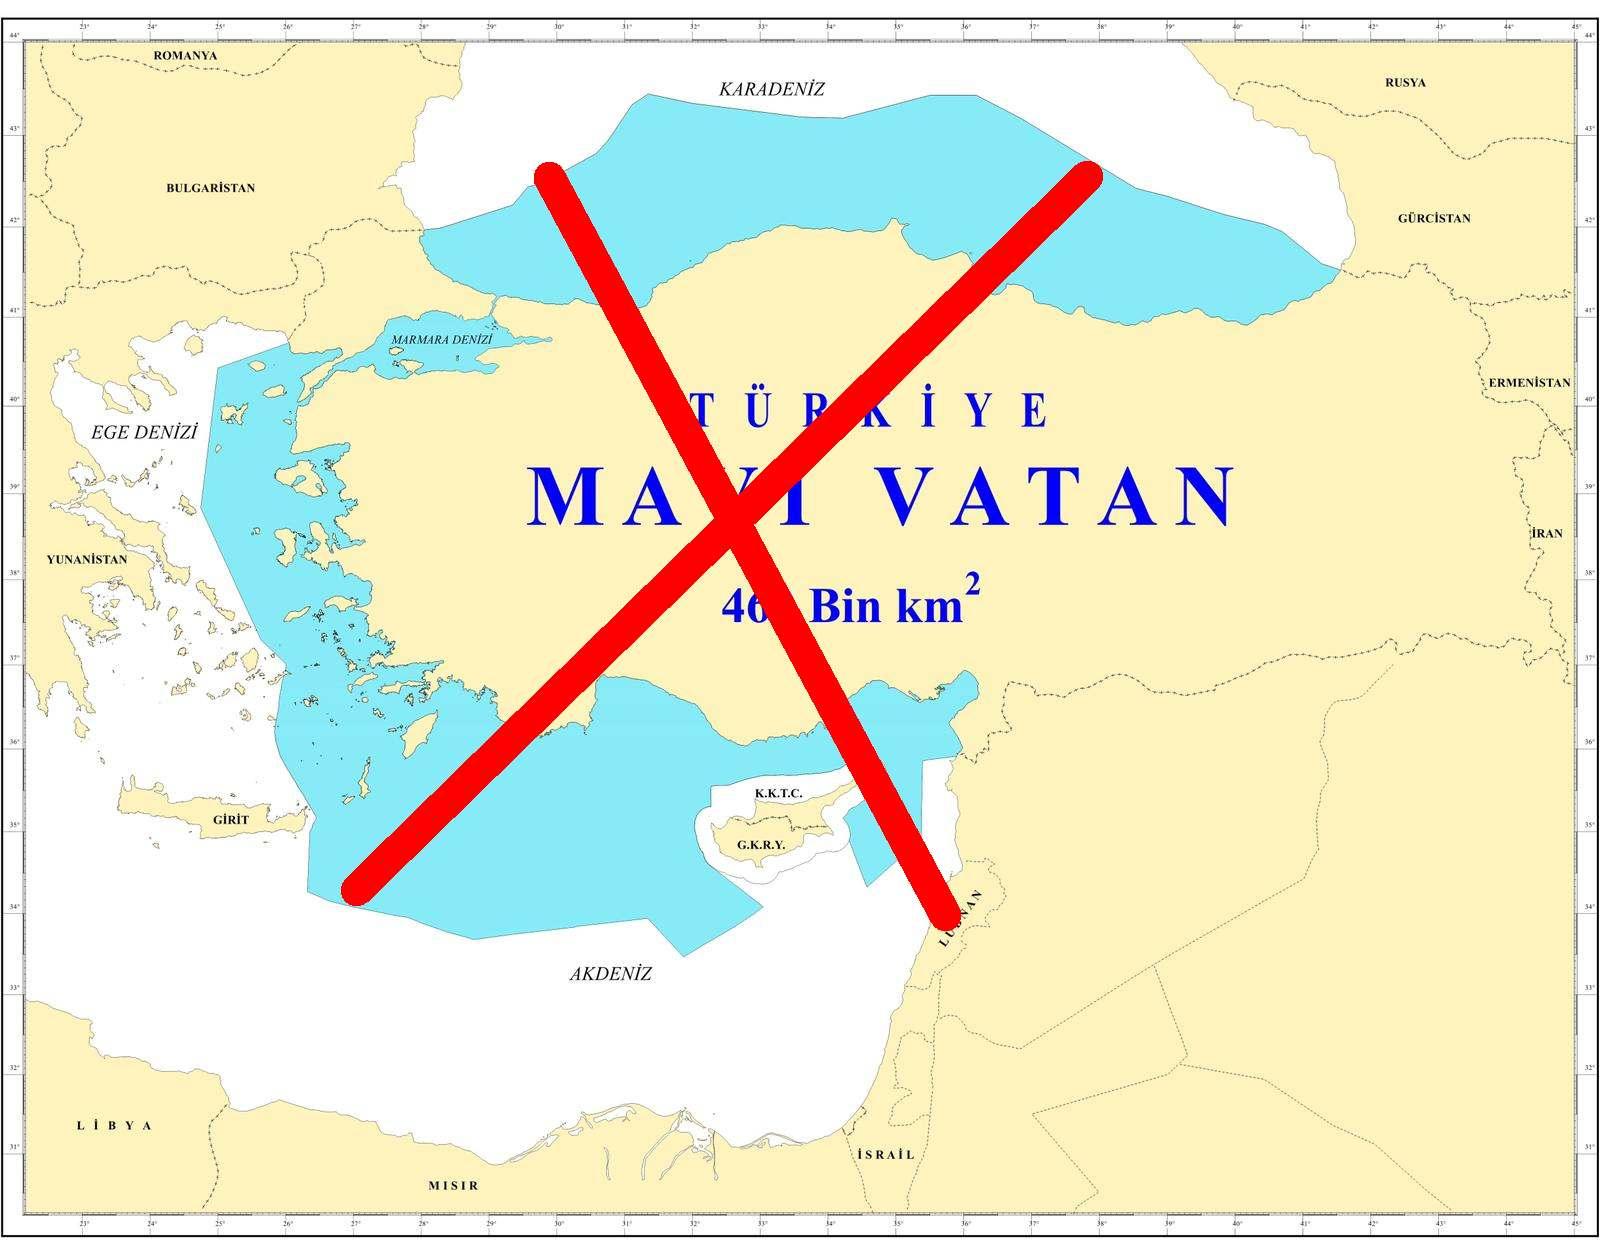 Πόσο κοντά είναι η σύγκρουση με την Τουρκία;